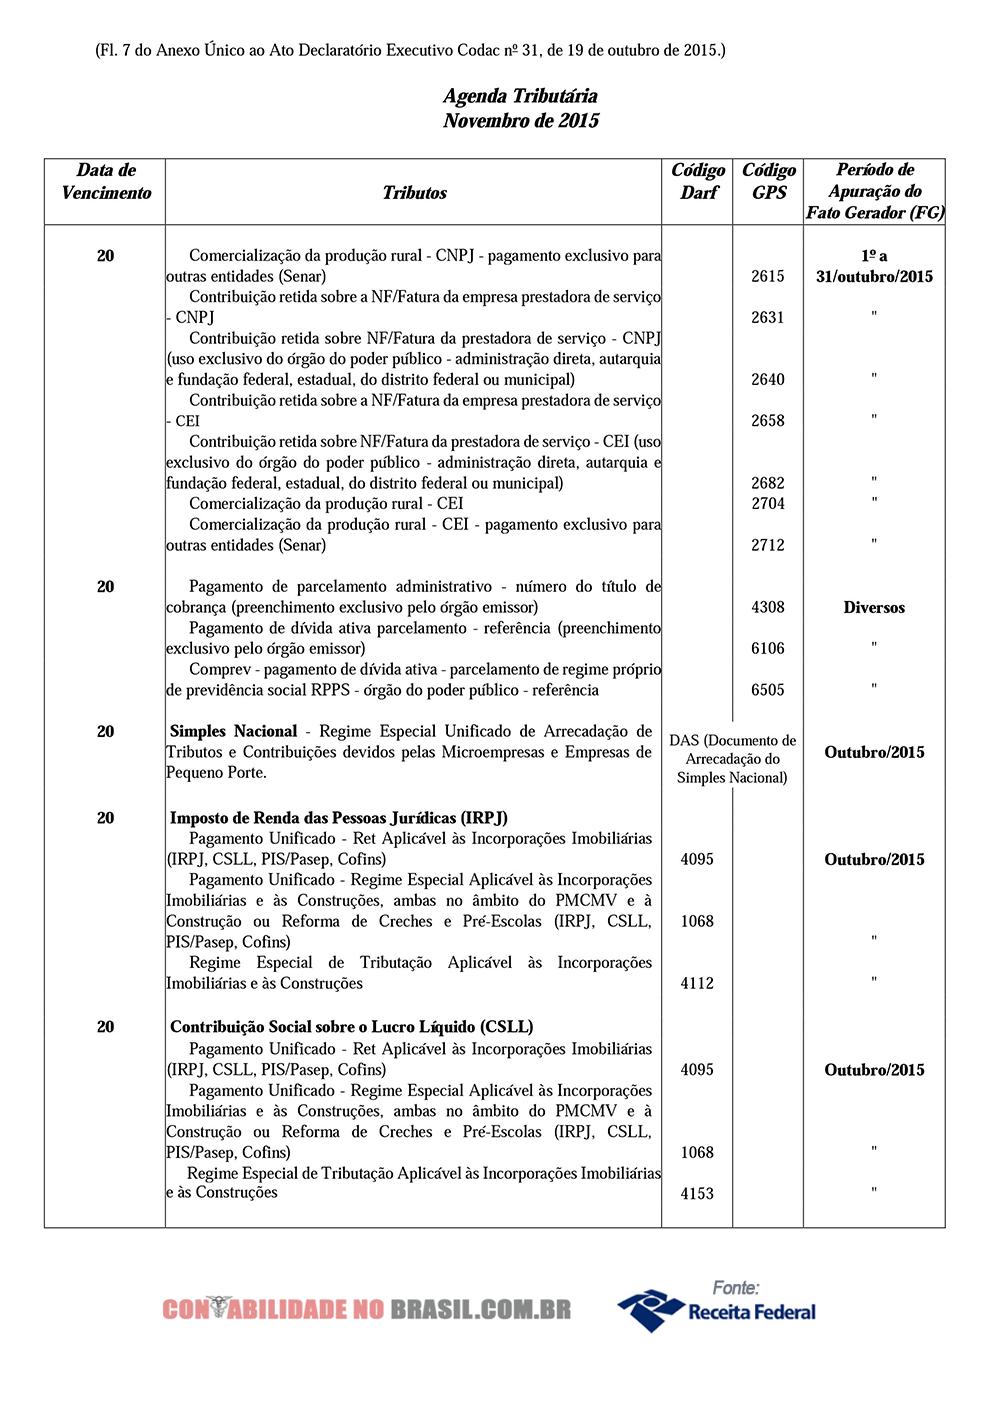 agenda tributaria novembro de 2015 07